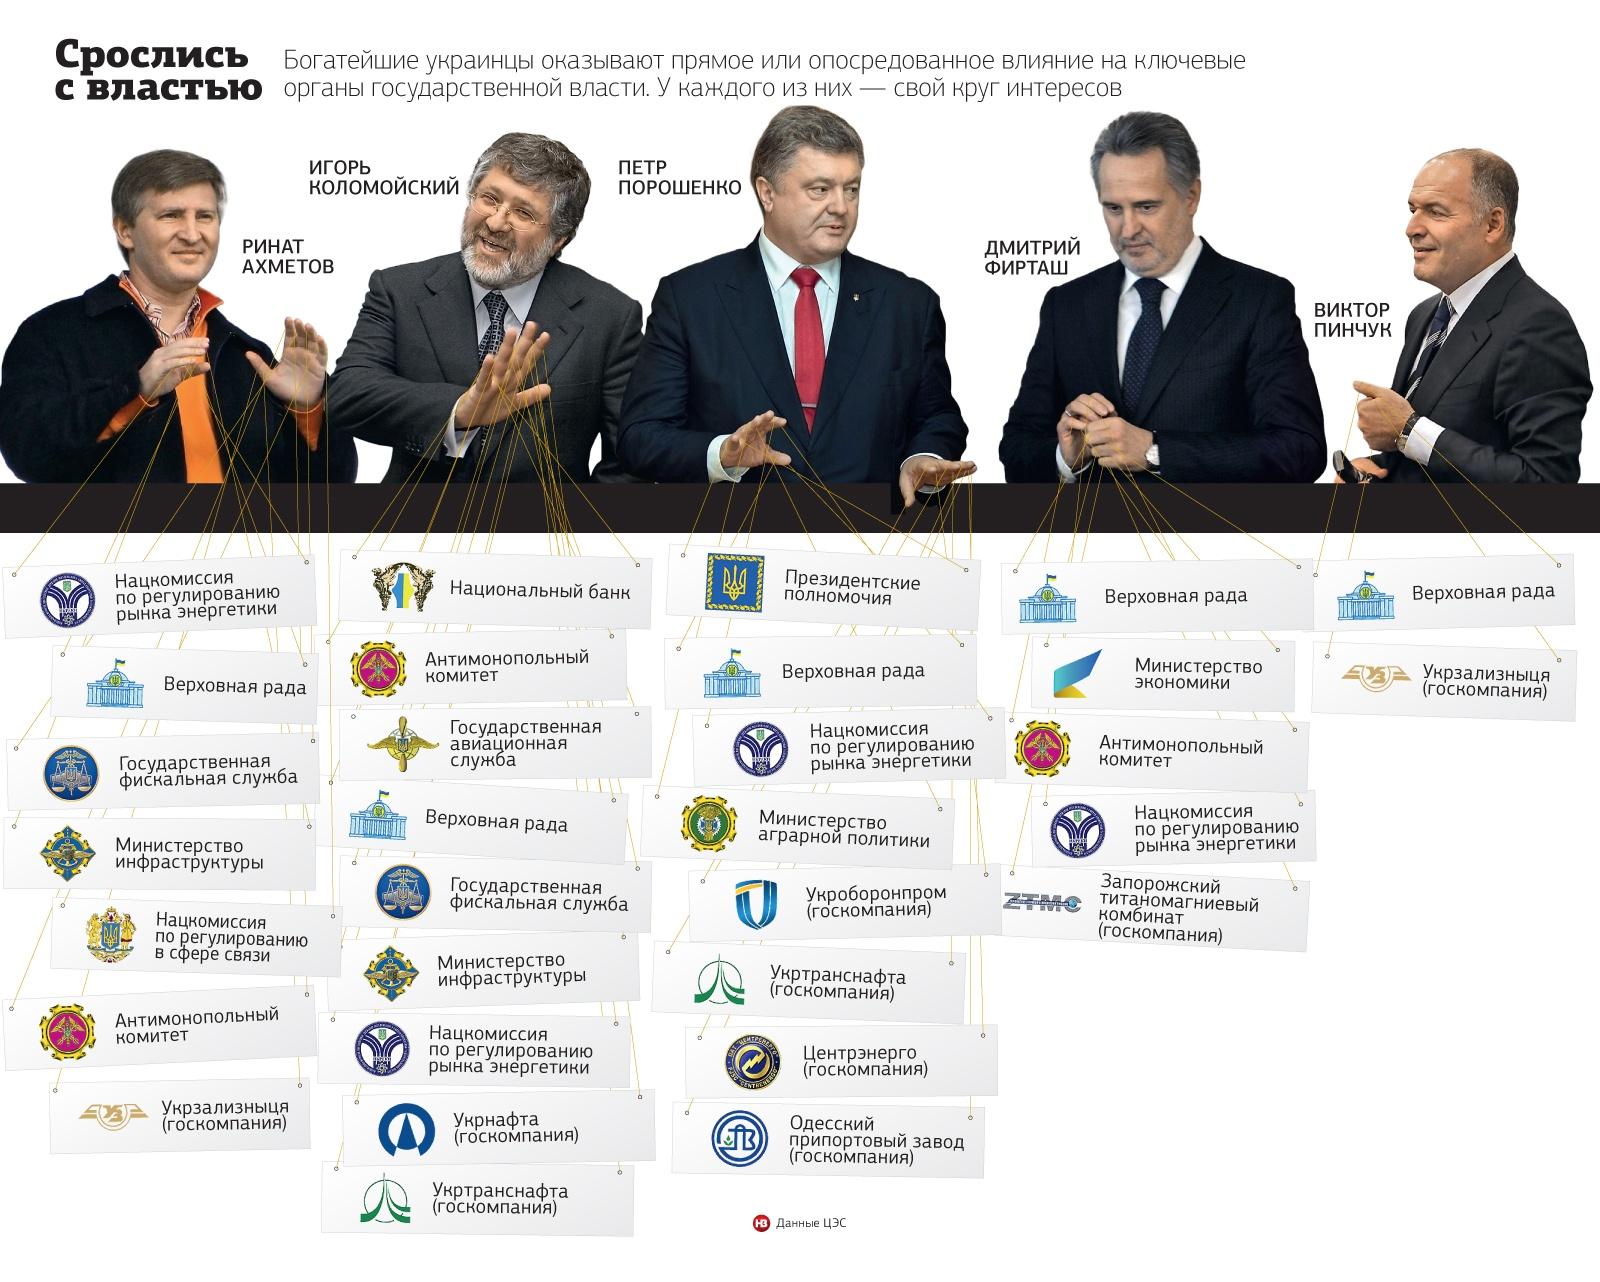 web_olihari_10_0317_01 ЗАО Украина: как пять человек фактически монополизировали экономику страны